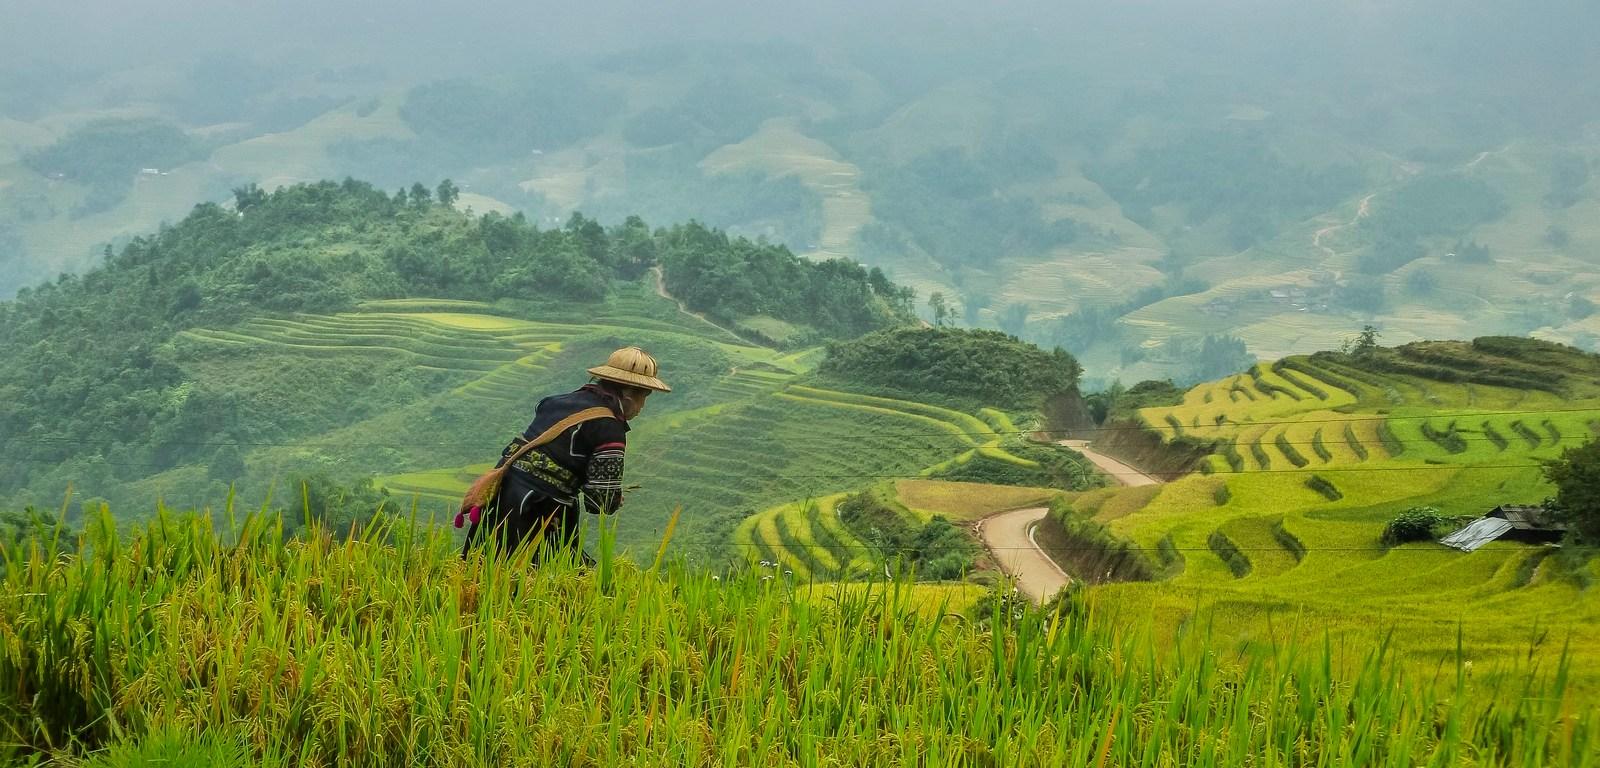 północny wietnam - sa pa krajobraz praca na polu ryżowym